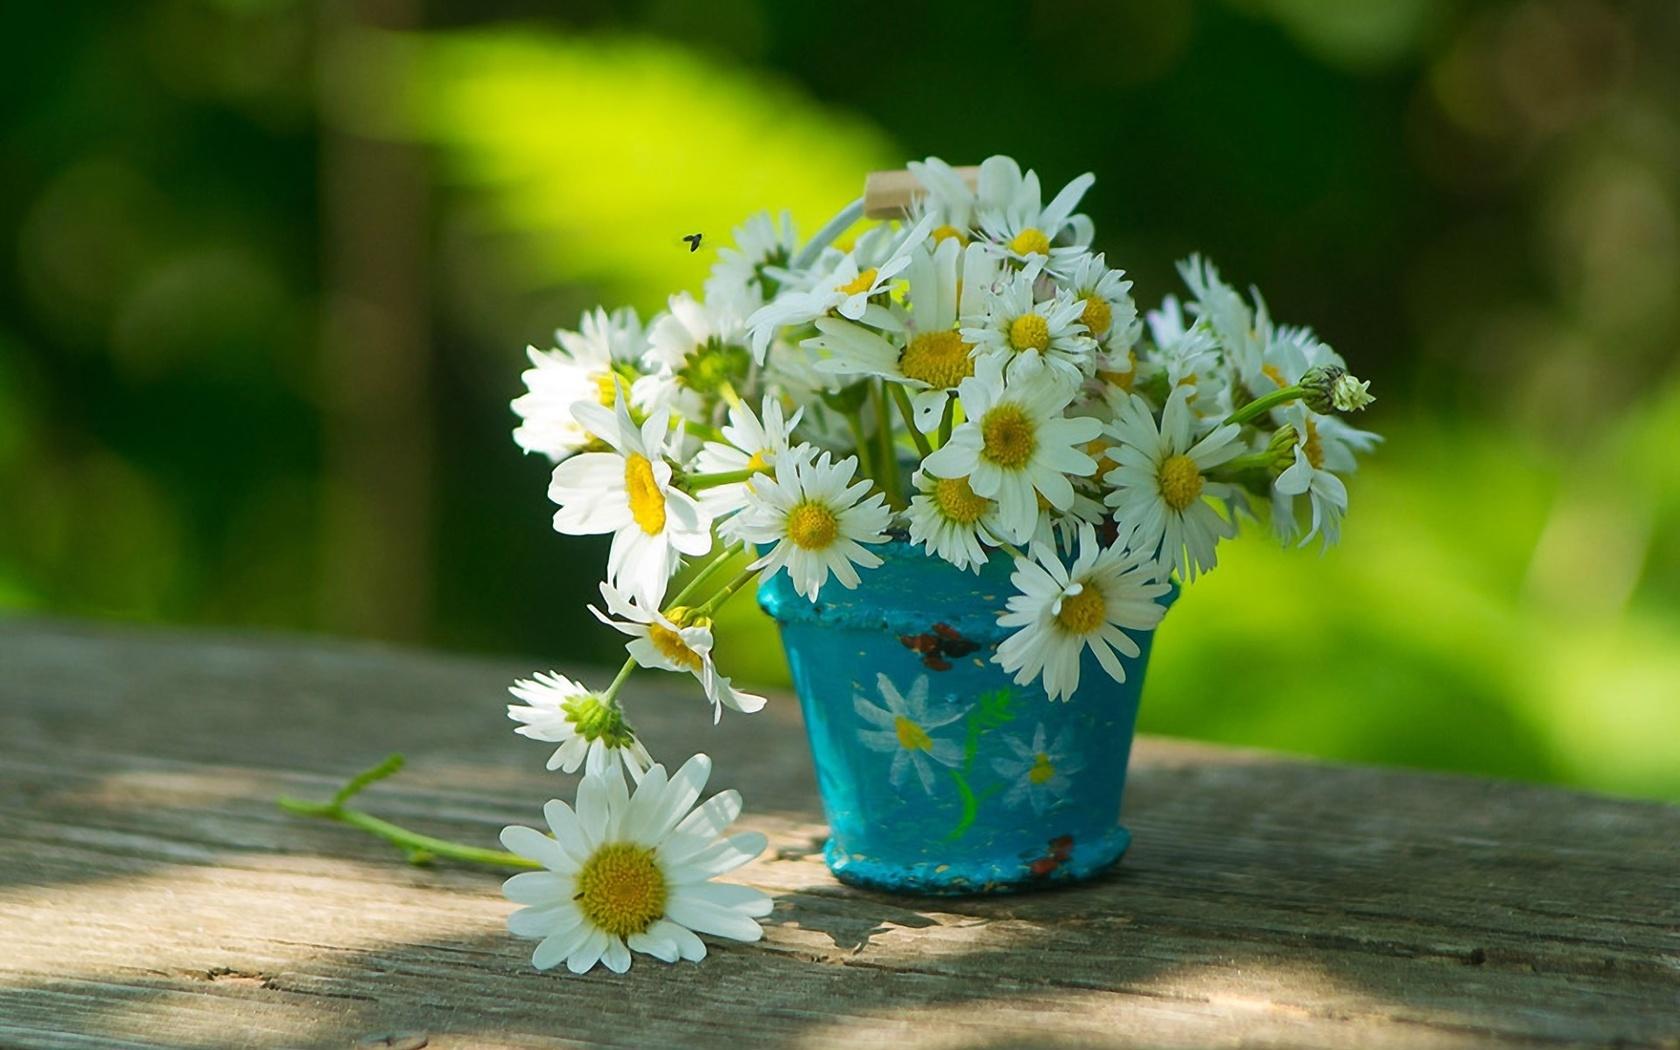 Красивые картинки с цветами ромашками